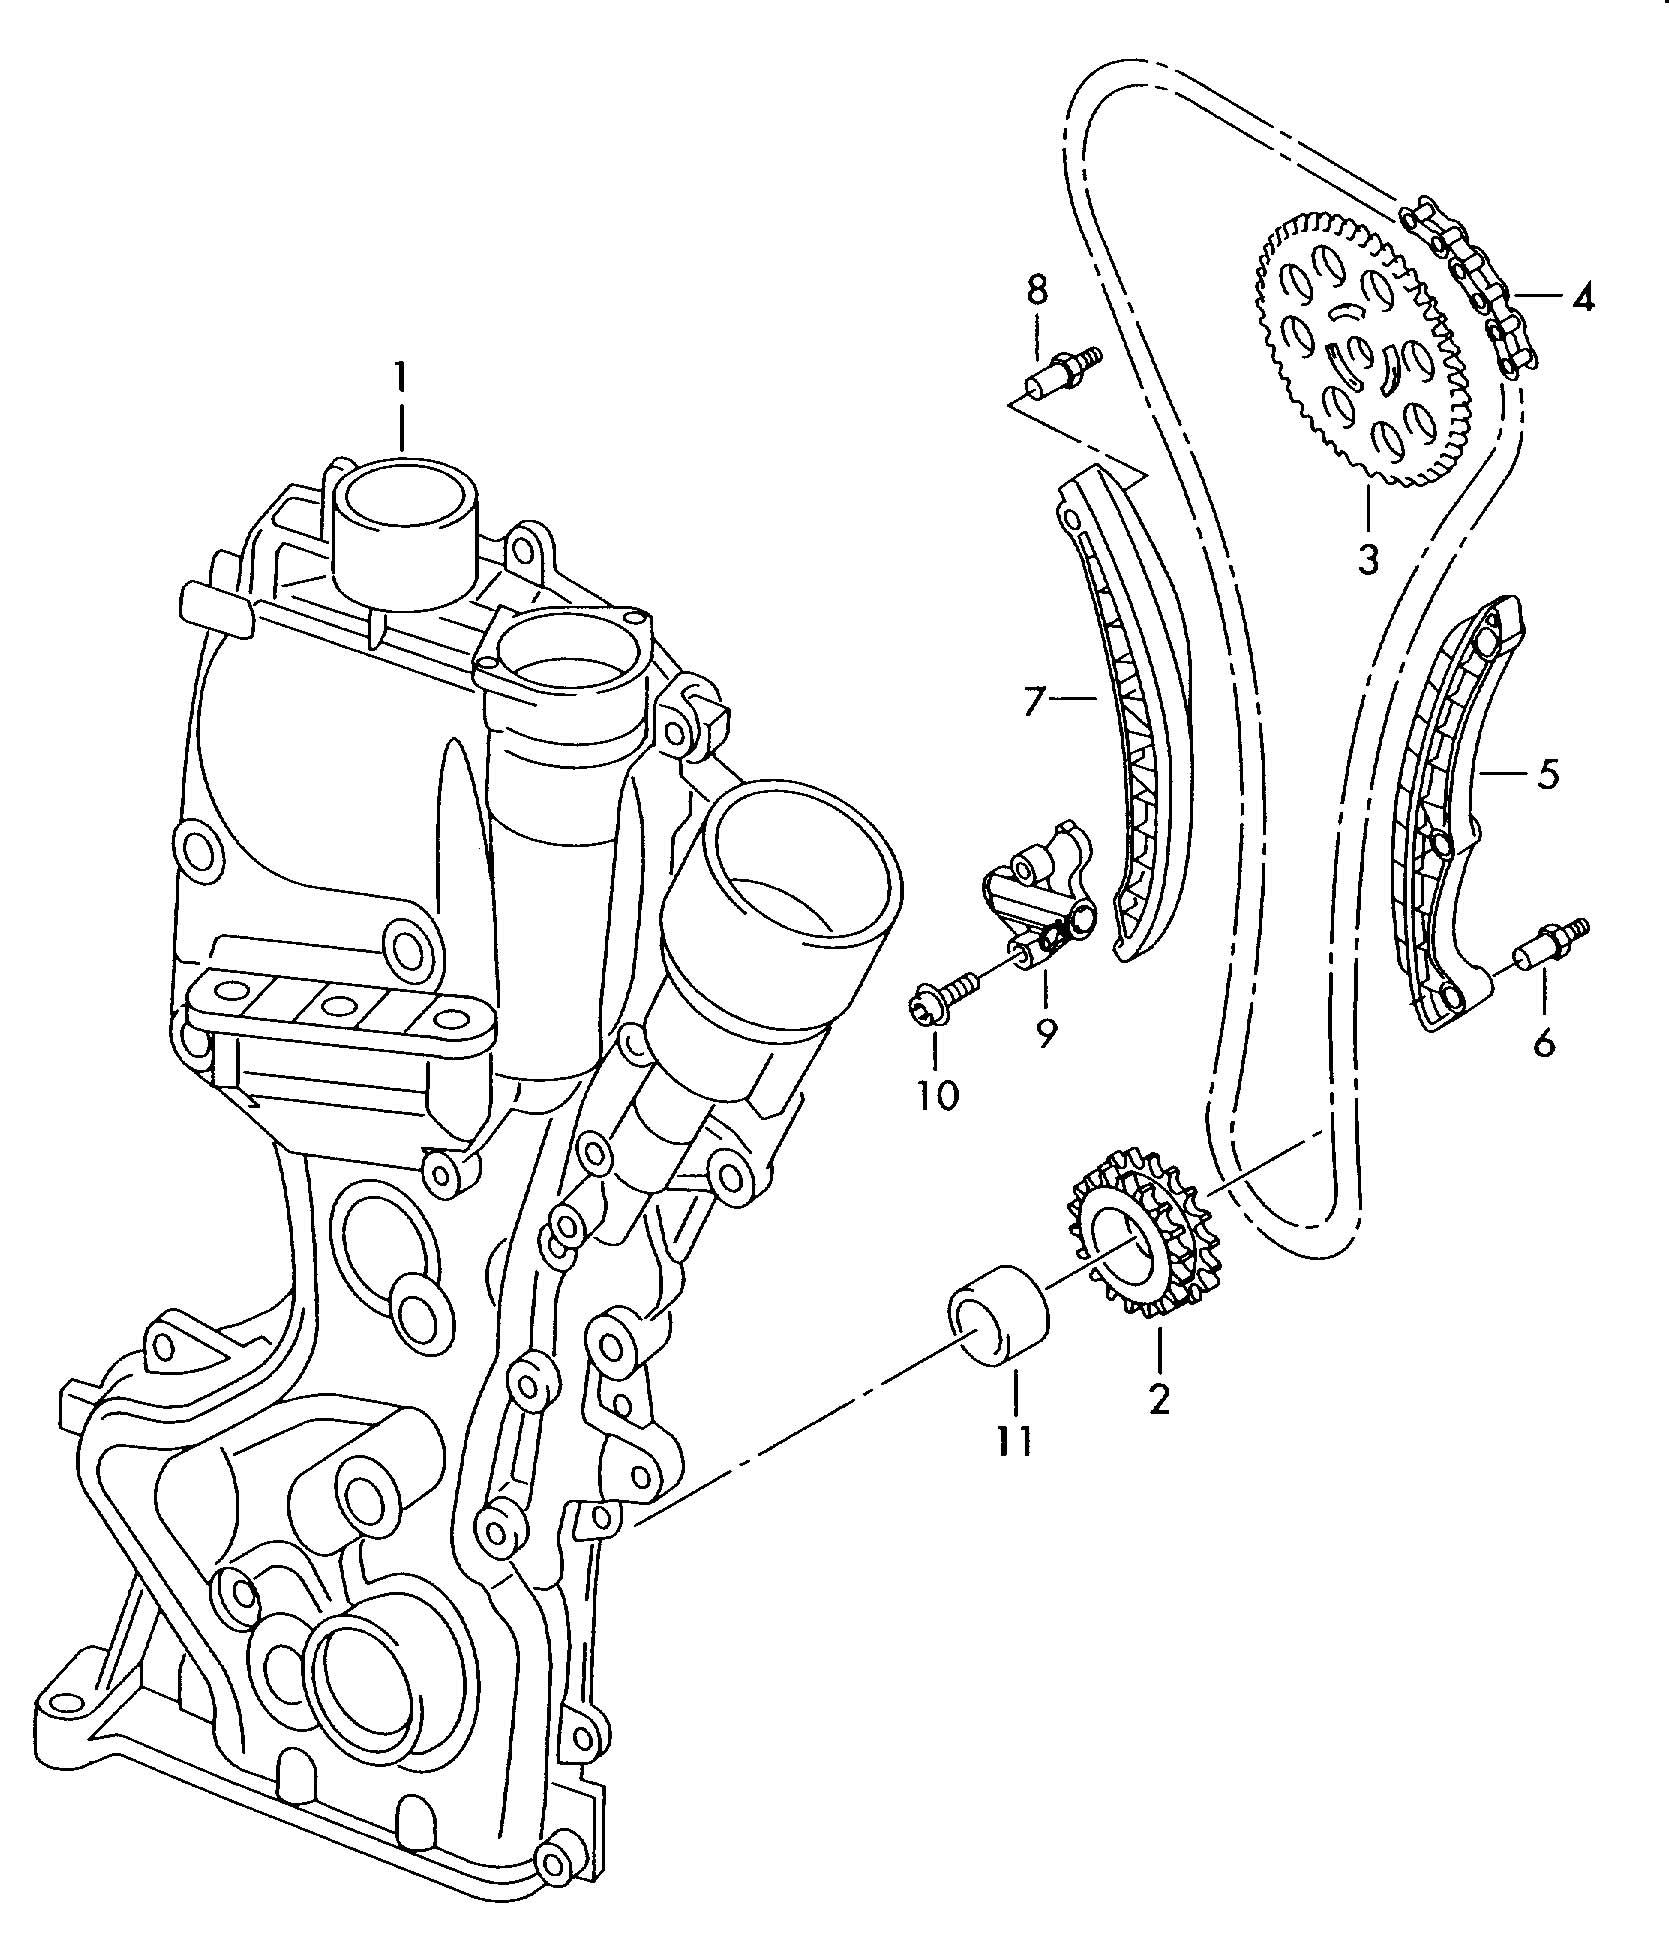 Volkswagen Timing Chain